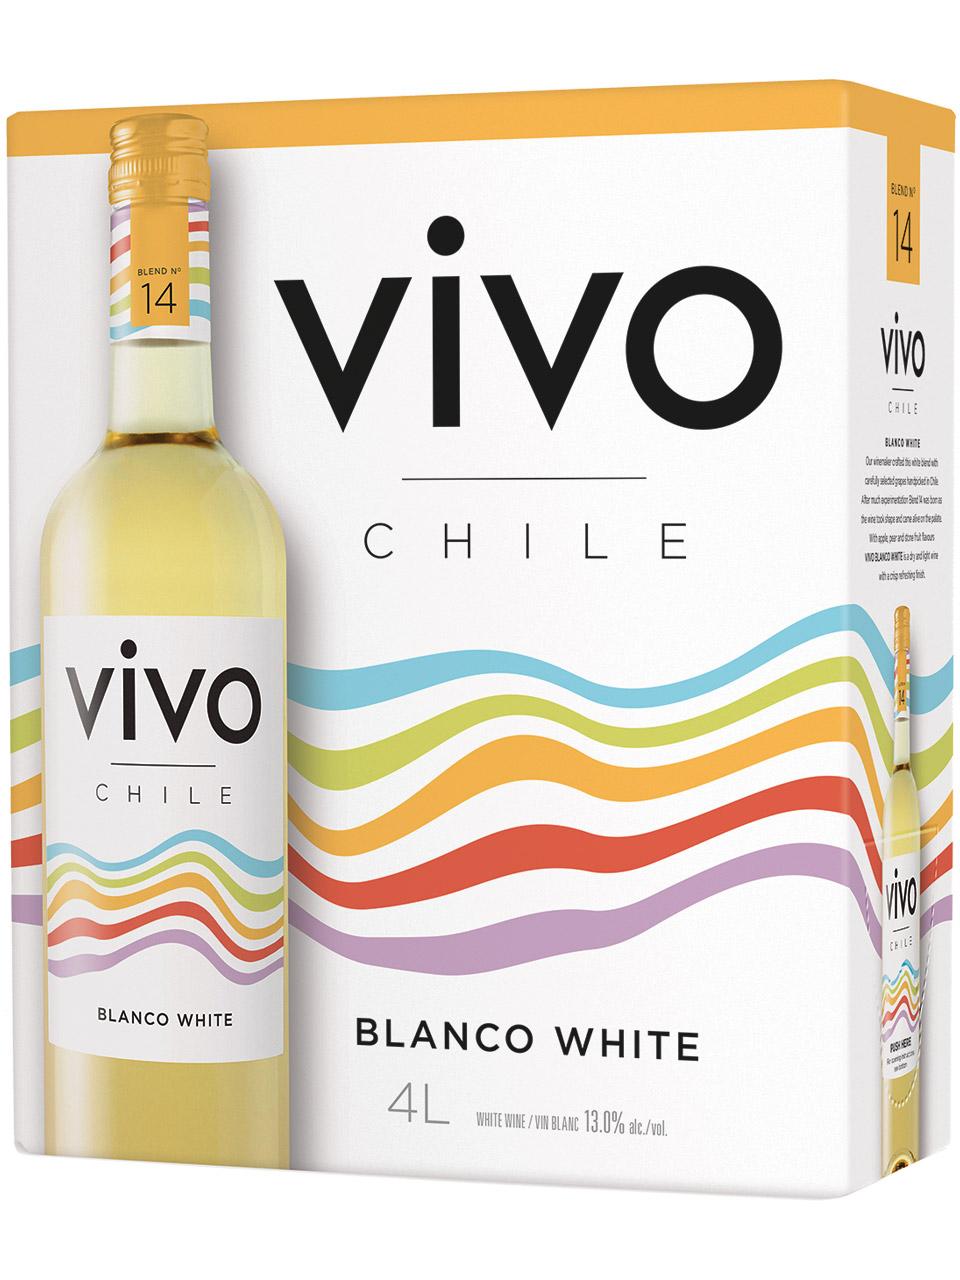 VIVO Blanco